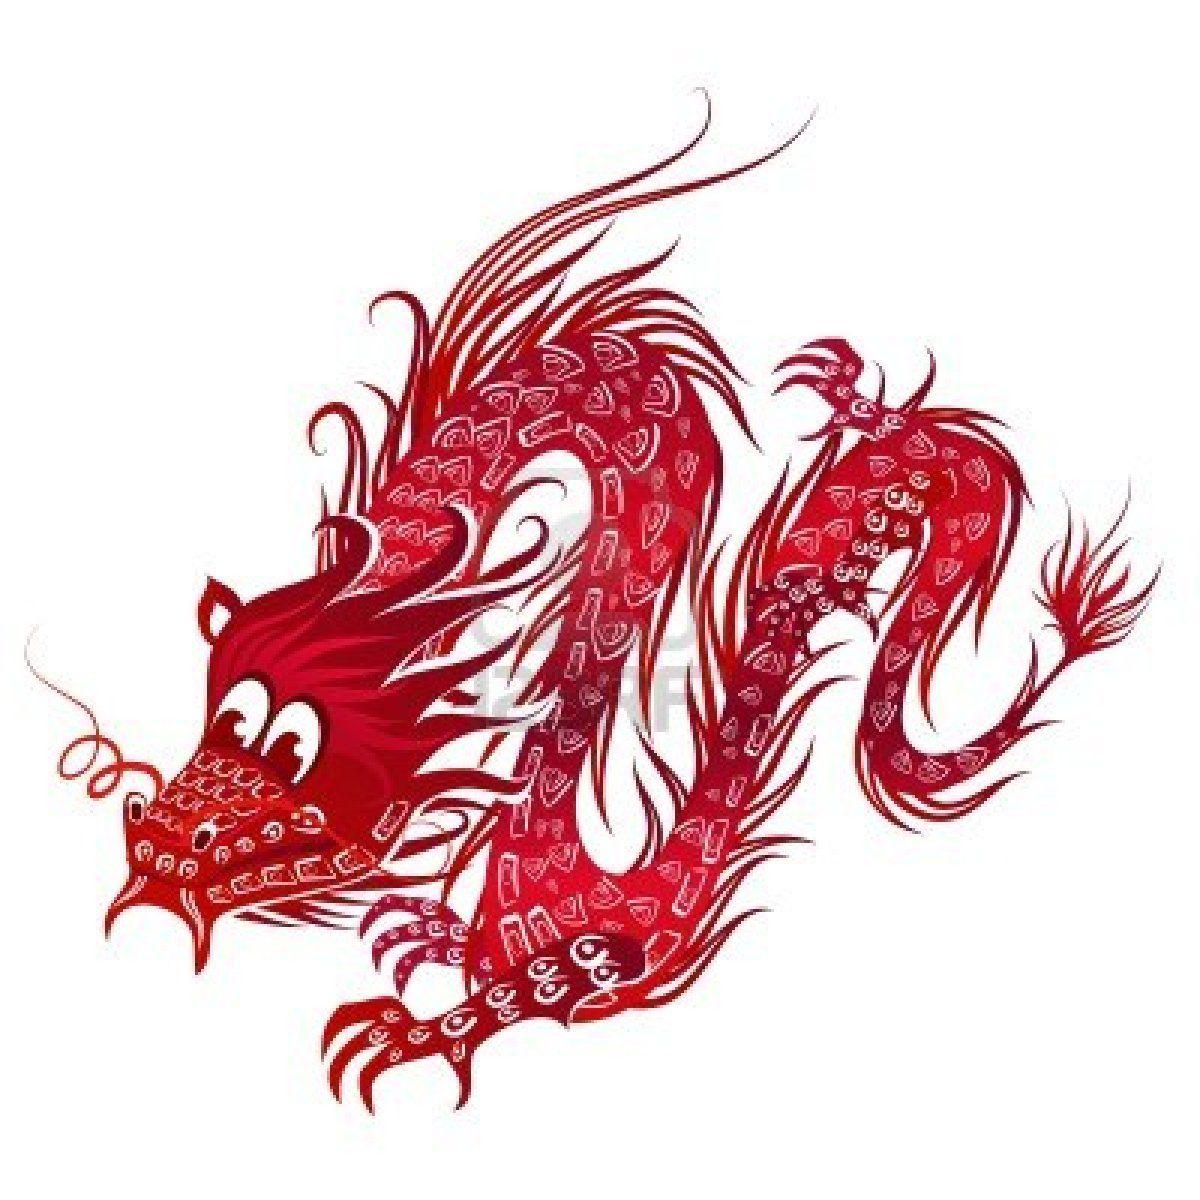 Frrfphotoreddragonchinoisml dragon